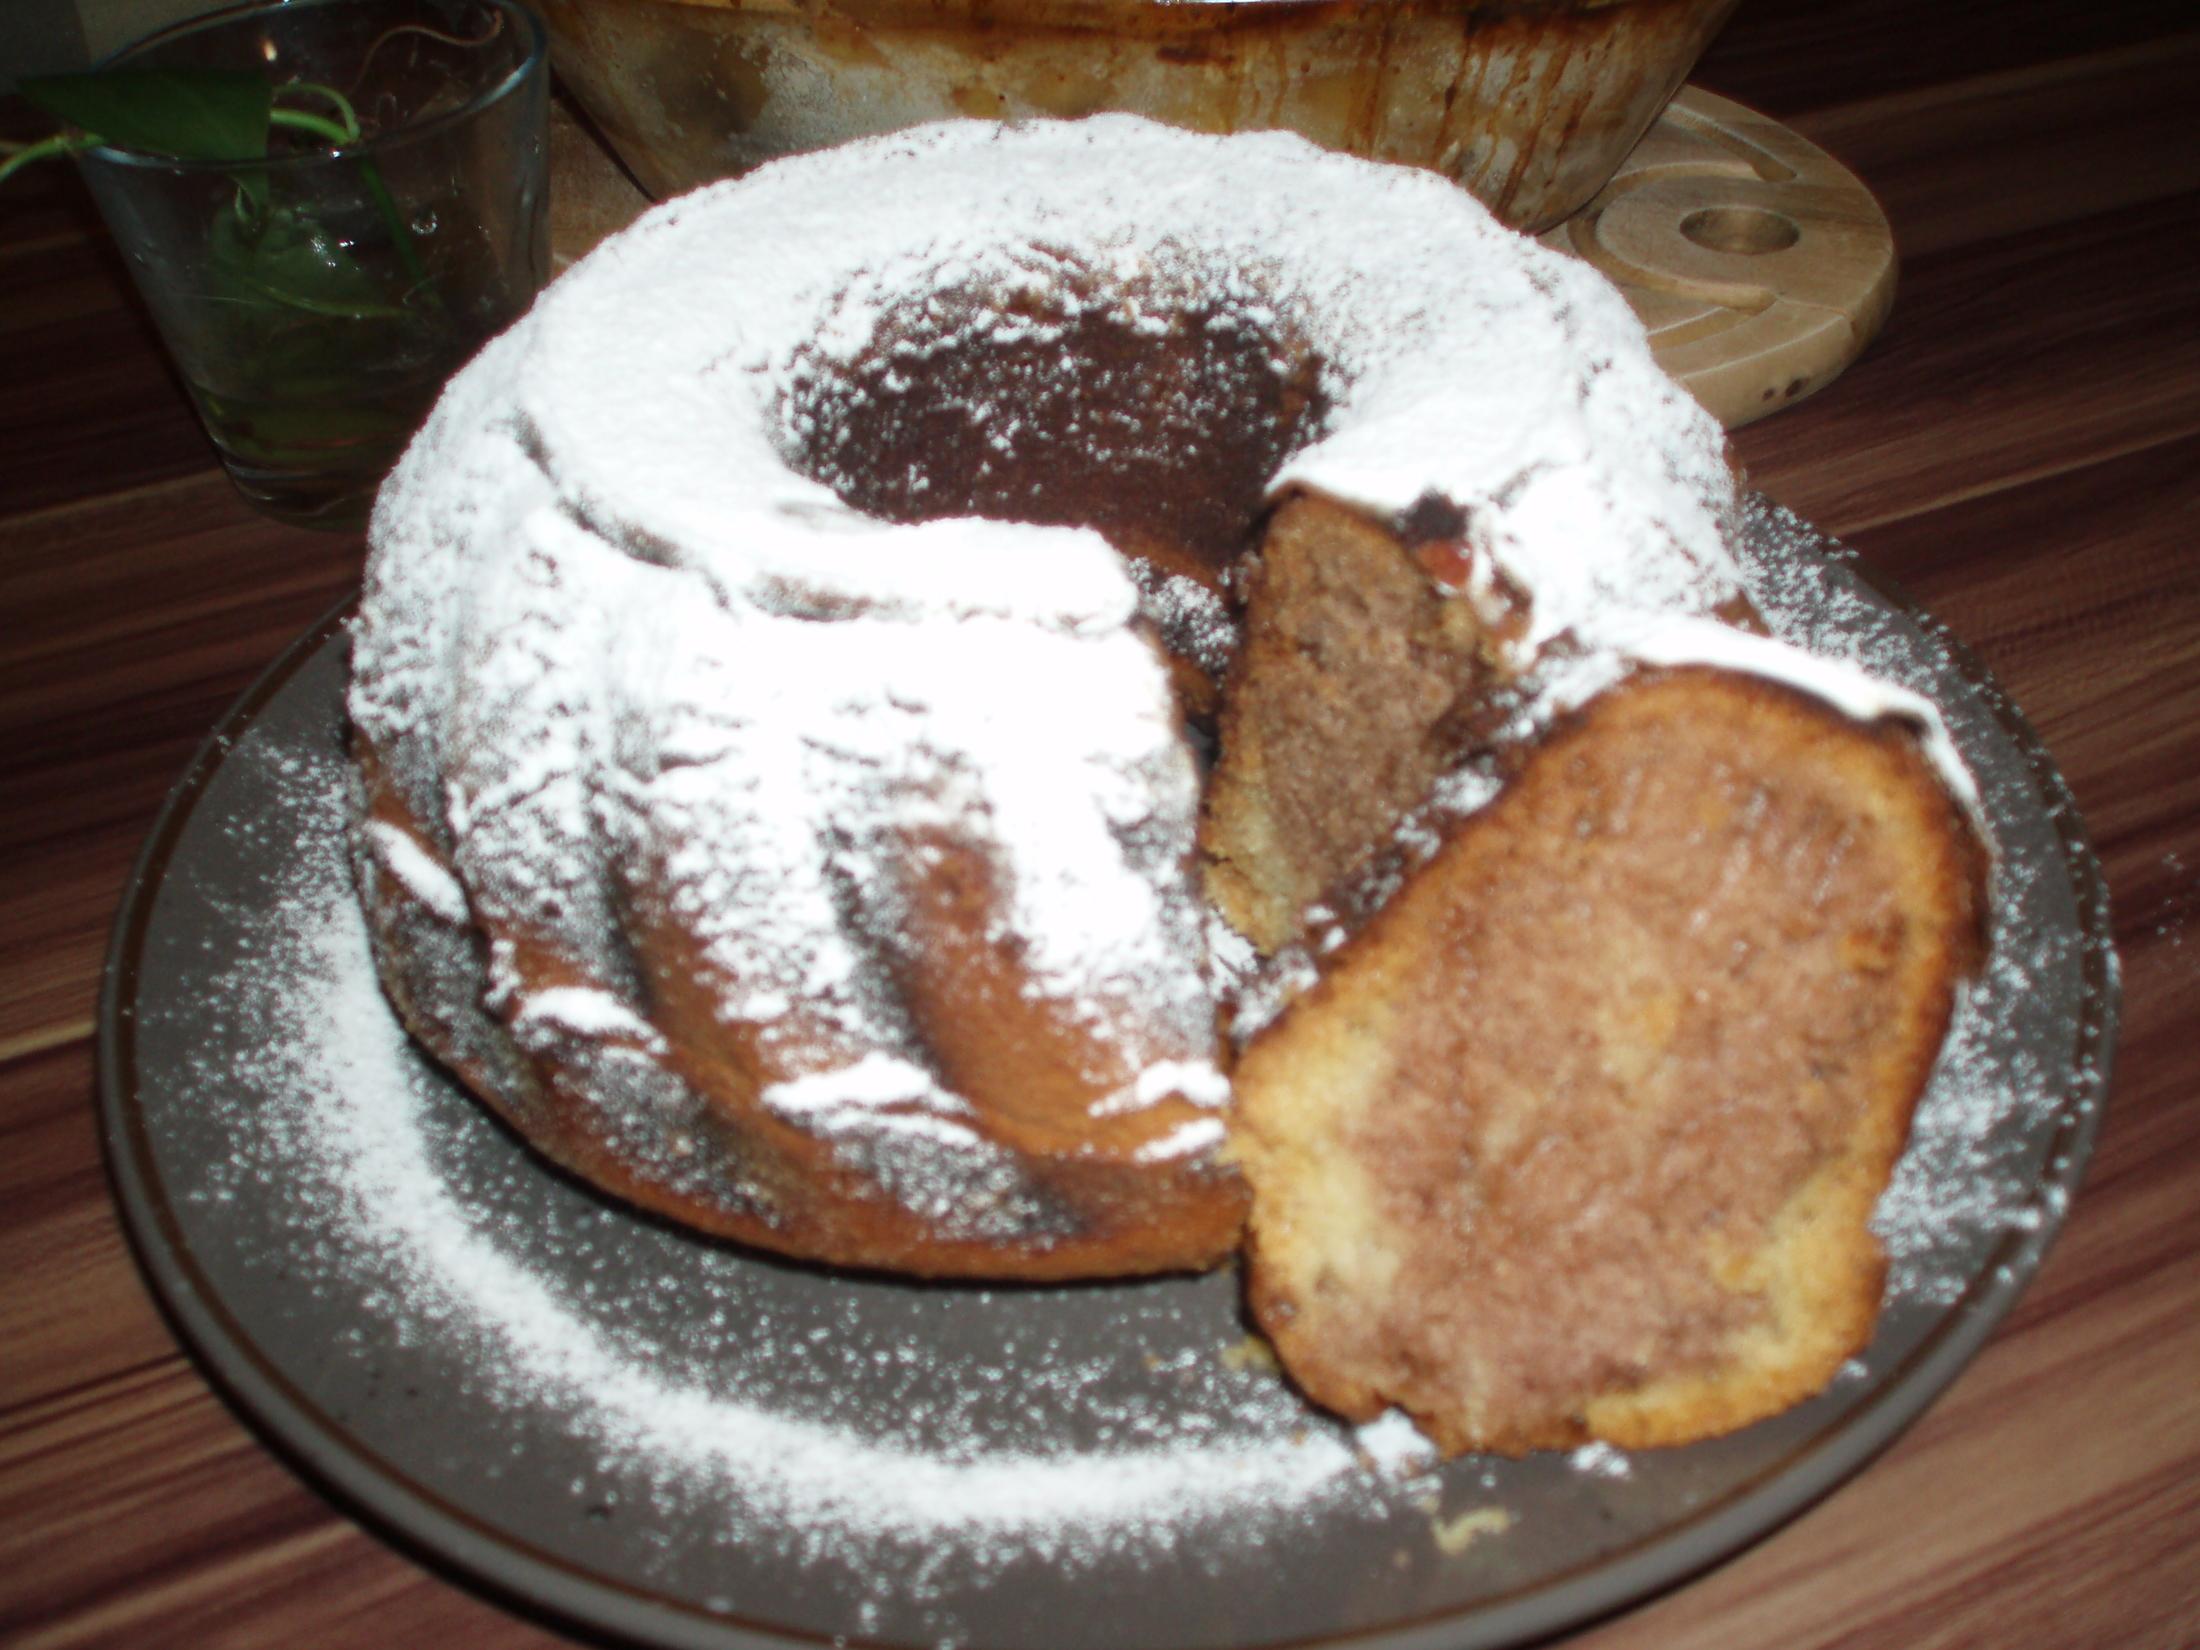 Recept Bábovka - První pokus se vydařil, výborná!